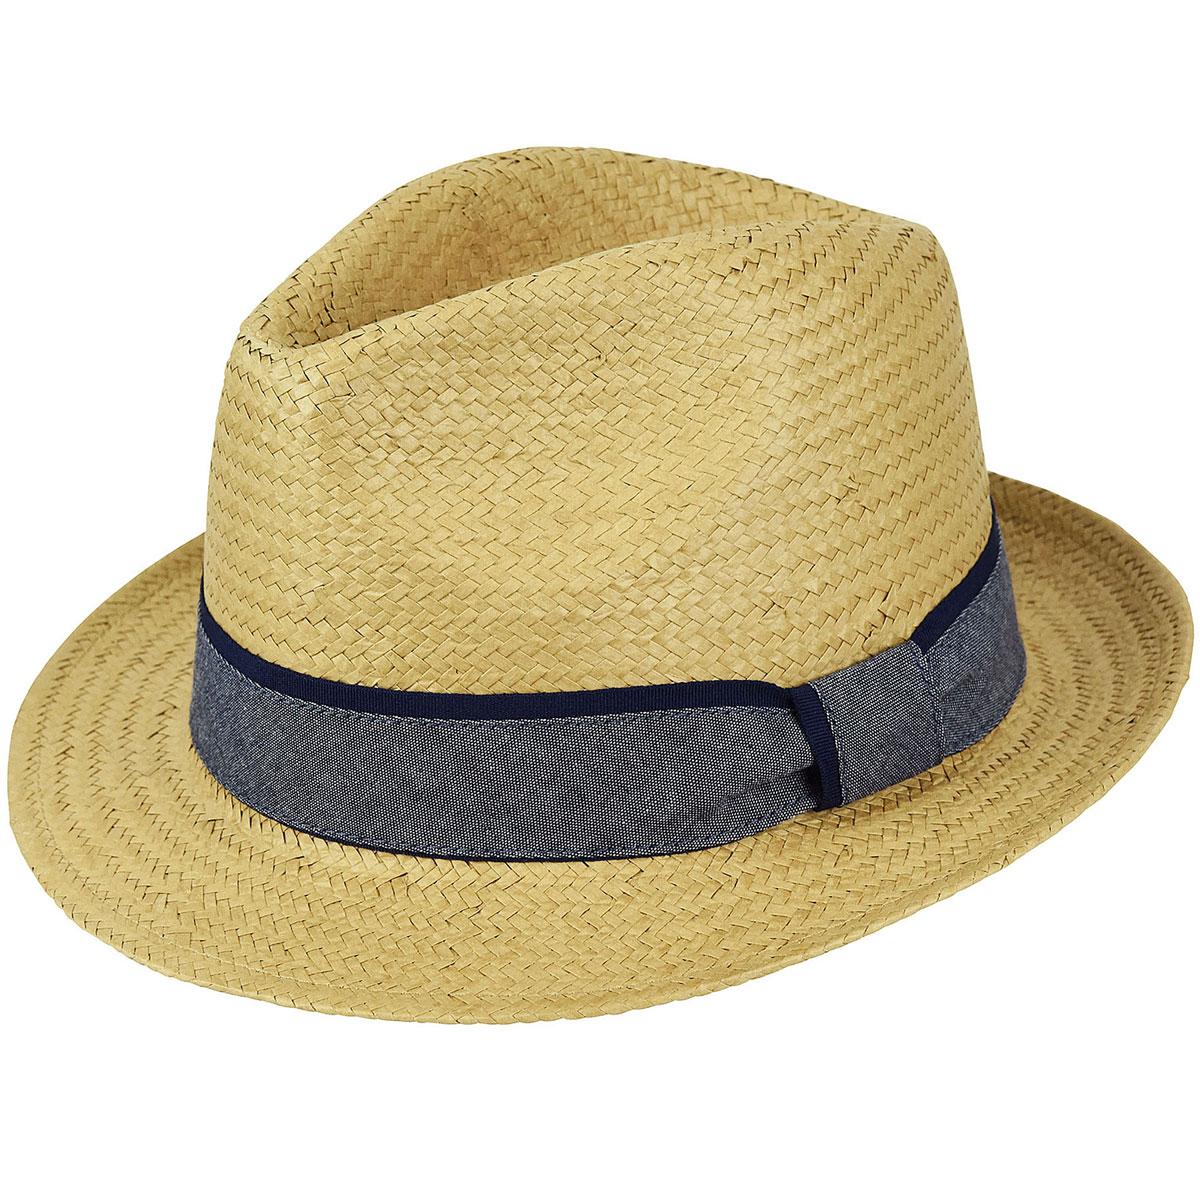 1950s Mens Hats | 50s Vintage Men's Hats Wright Fedora $43.00 AT vintagedancer.com